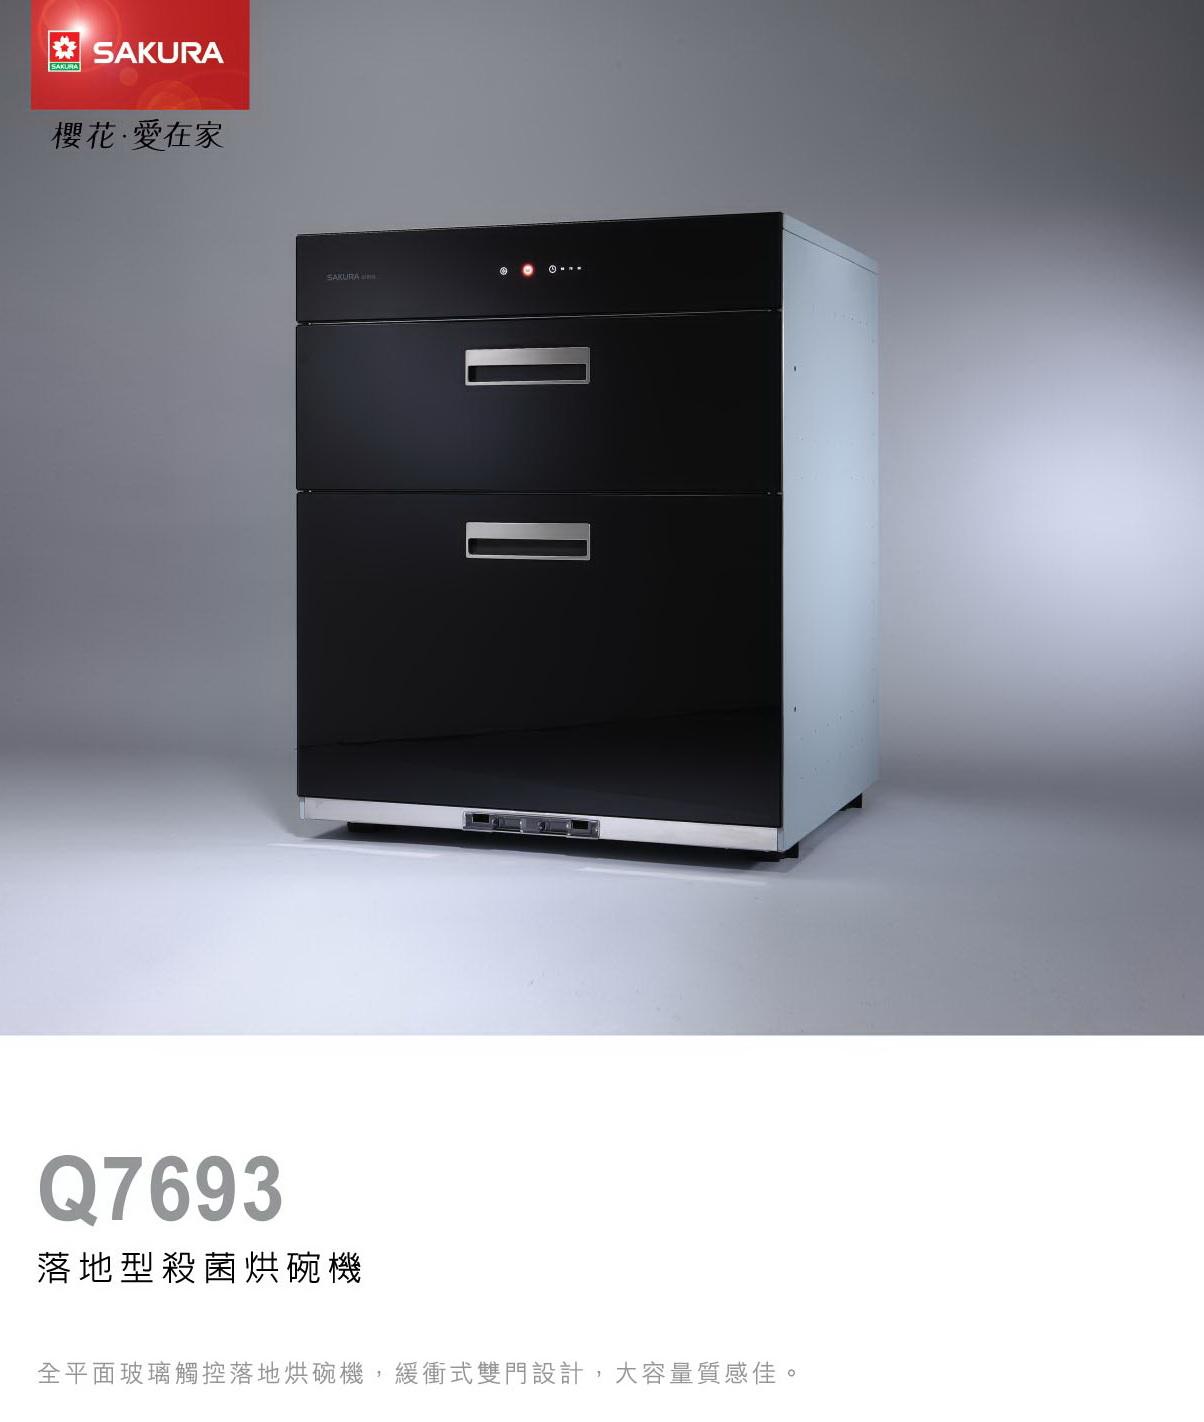 櫻花烘碗機Q7693.jpg